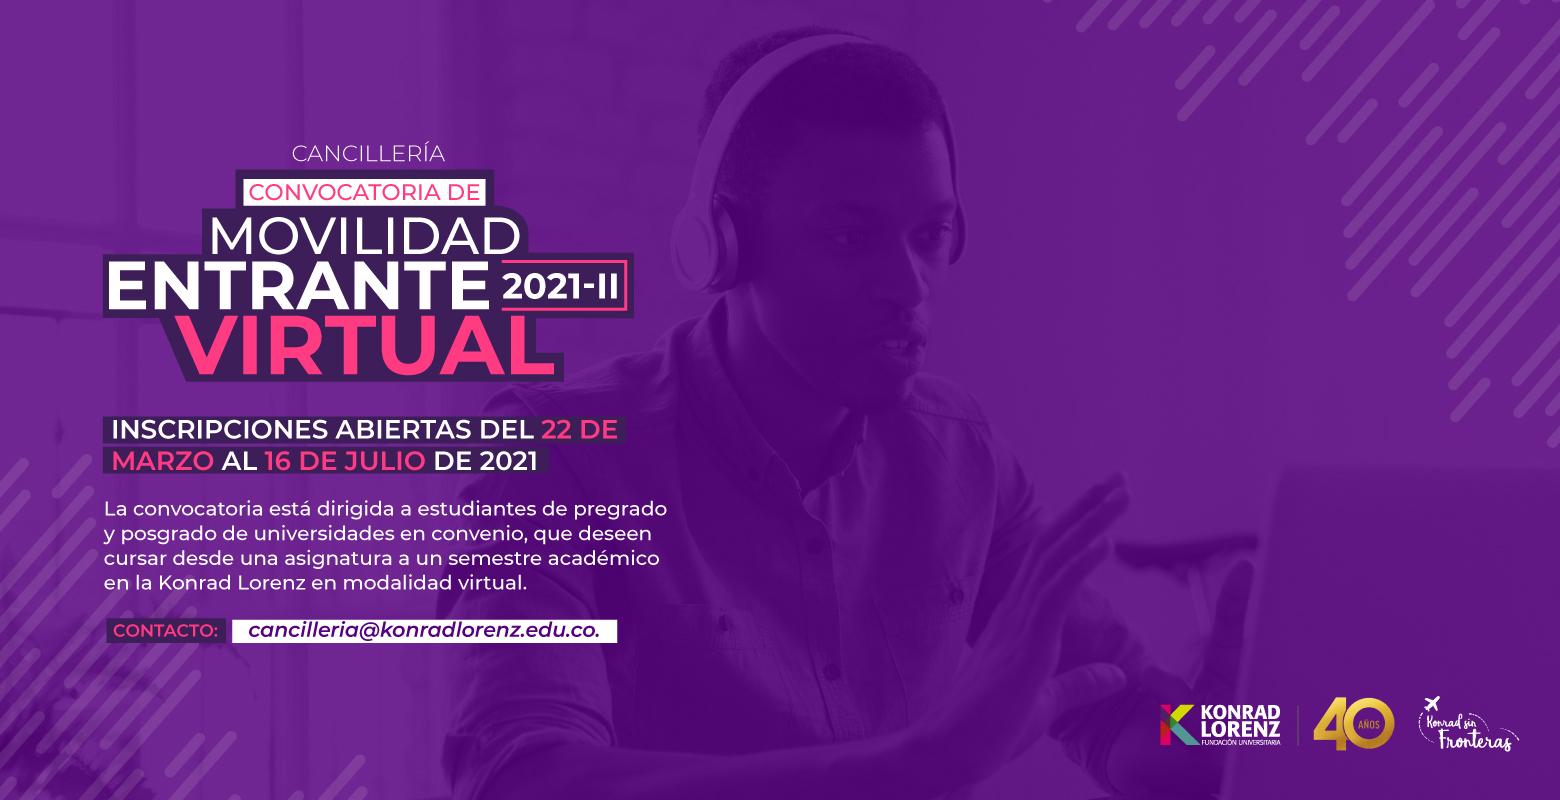 Convocatoria de Movilidad Entrante Virtual 2021-II